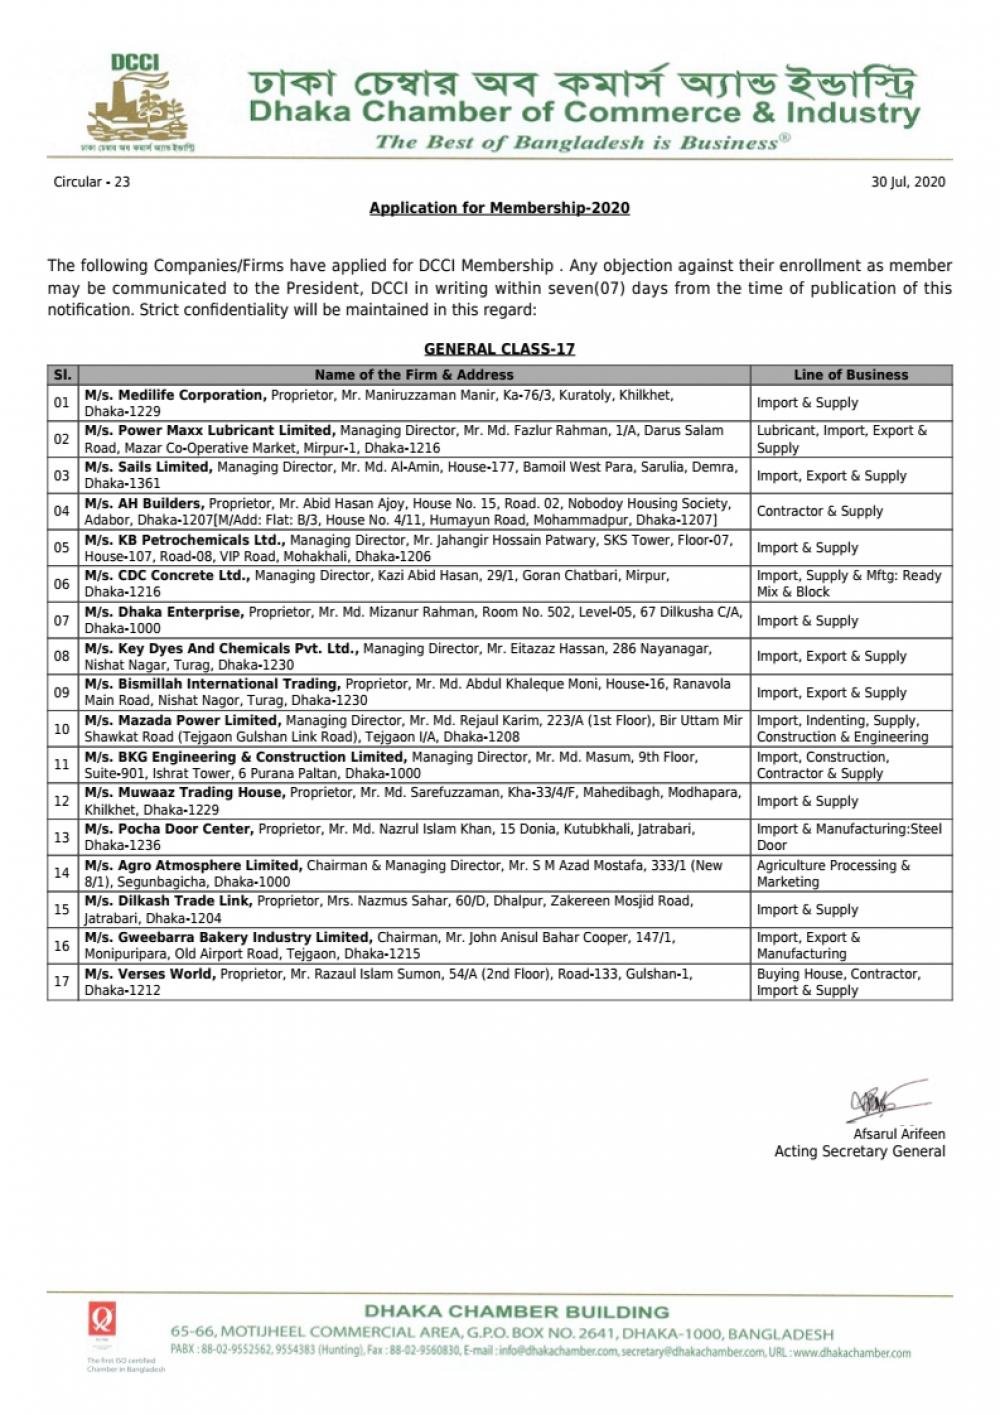 Application for Membership-2020 (Circular-23)